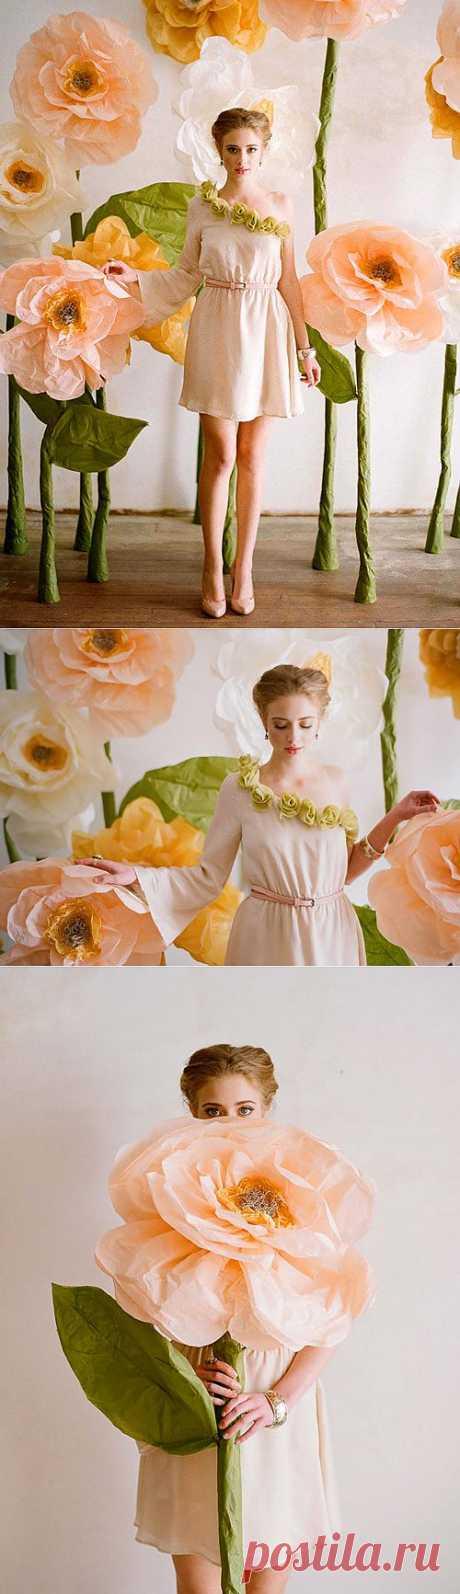 Алиса в сказочном палисаднике (плюс МК) / Фото (идеи съемок) / Модный сайт о стильной переделке одежды и интерьера